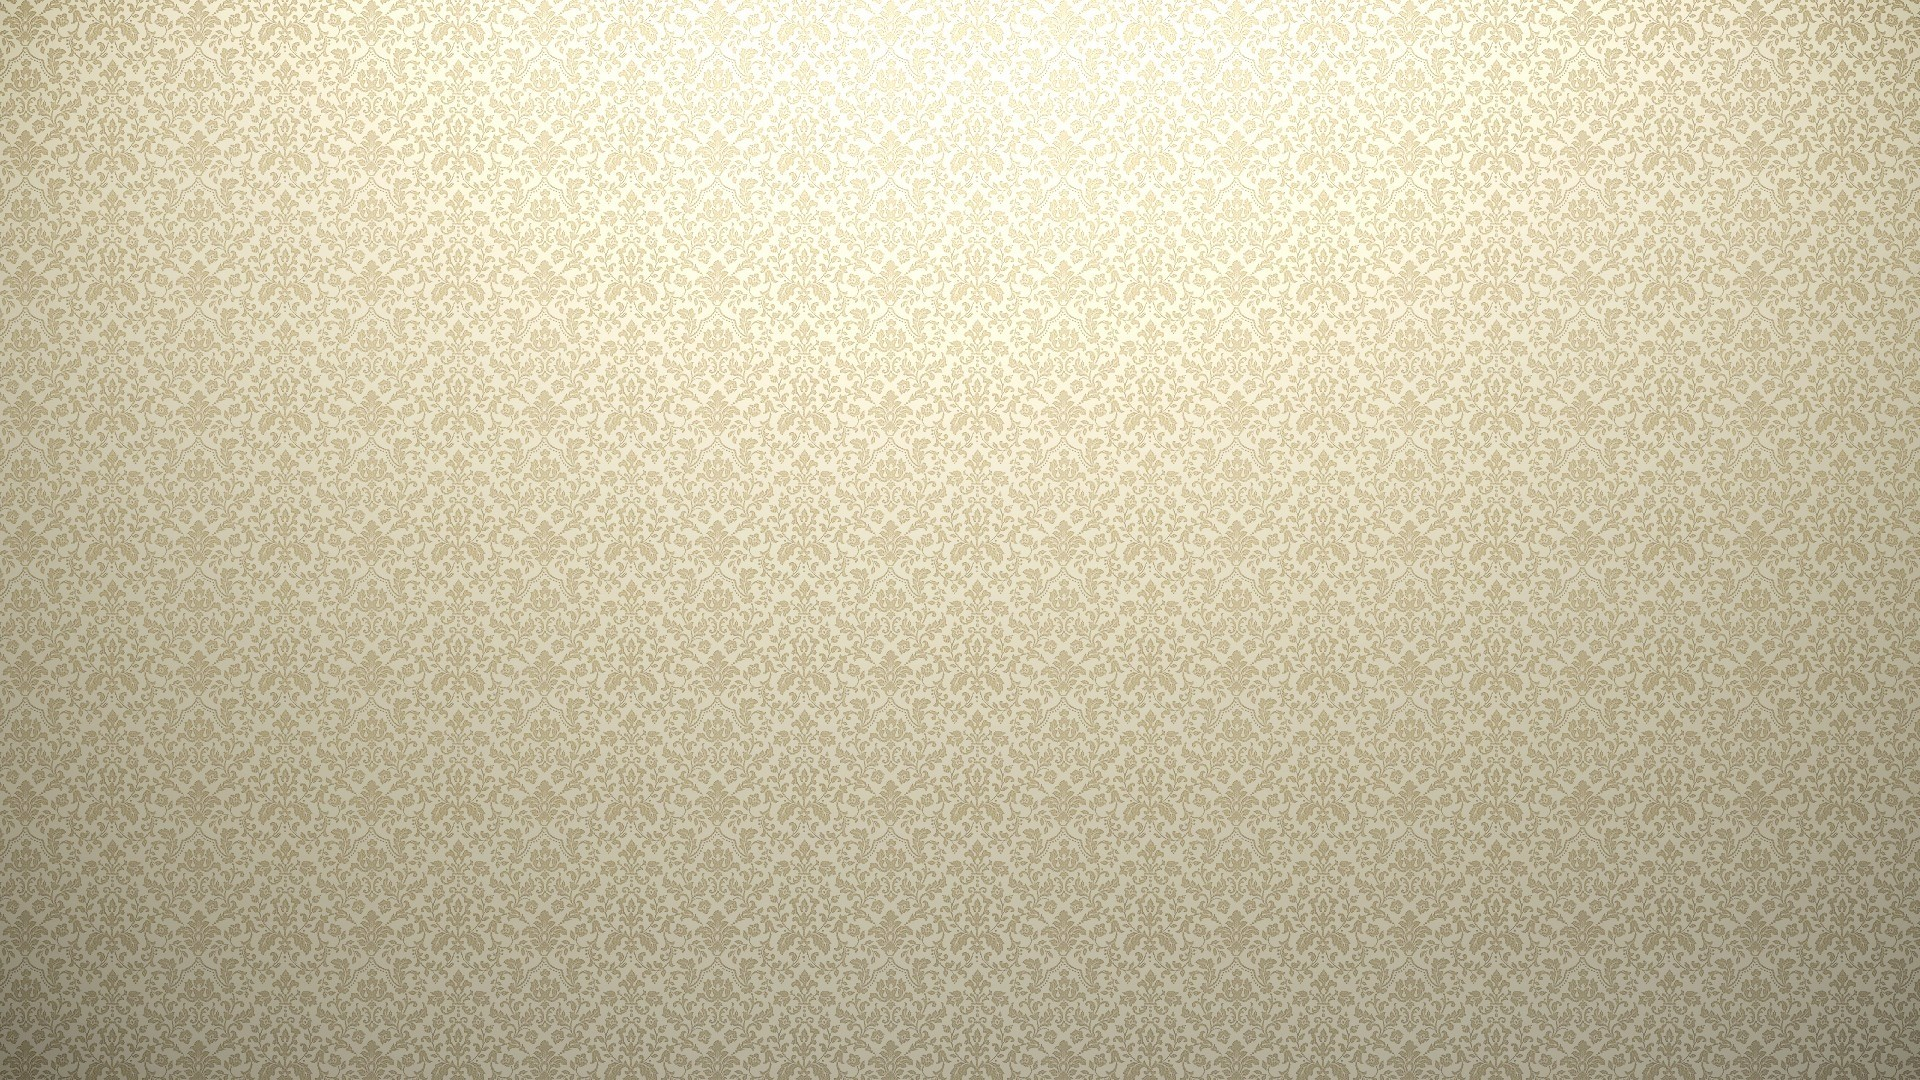 Terbaru1920x1080 Plain White Wallpapers Hd Wallpapersafari